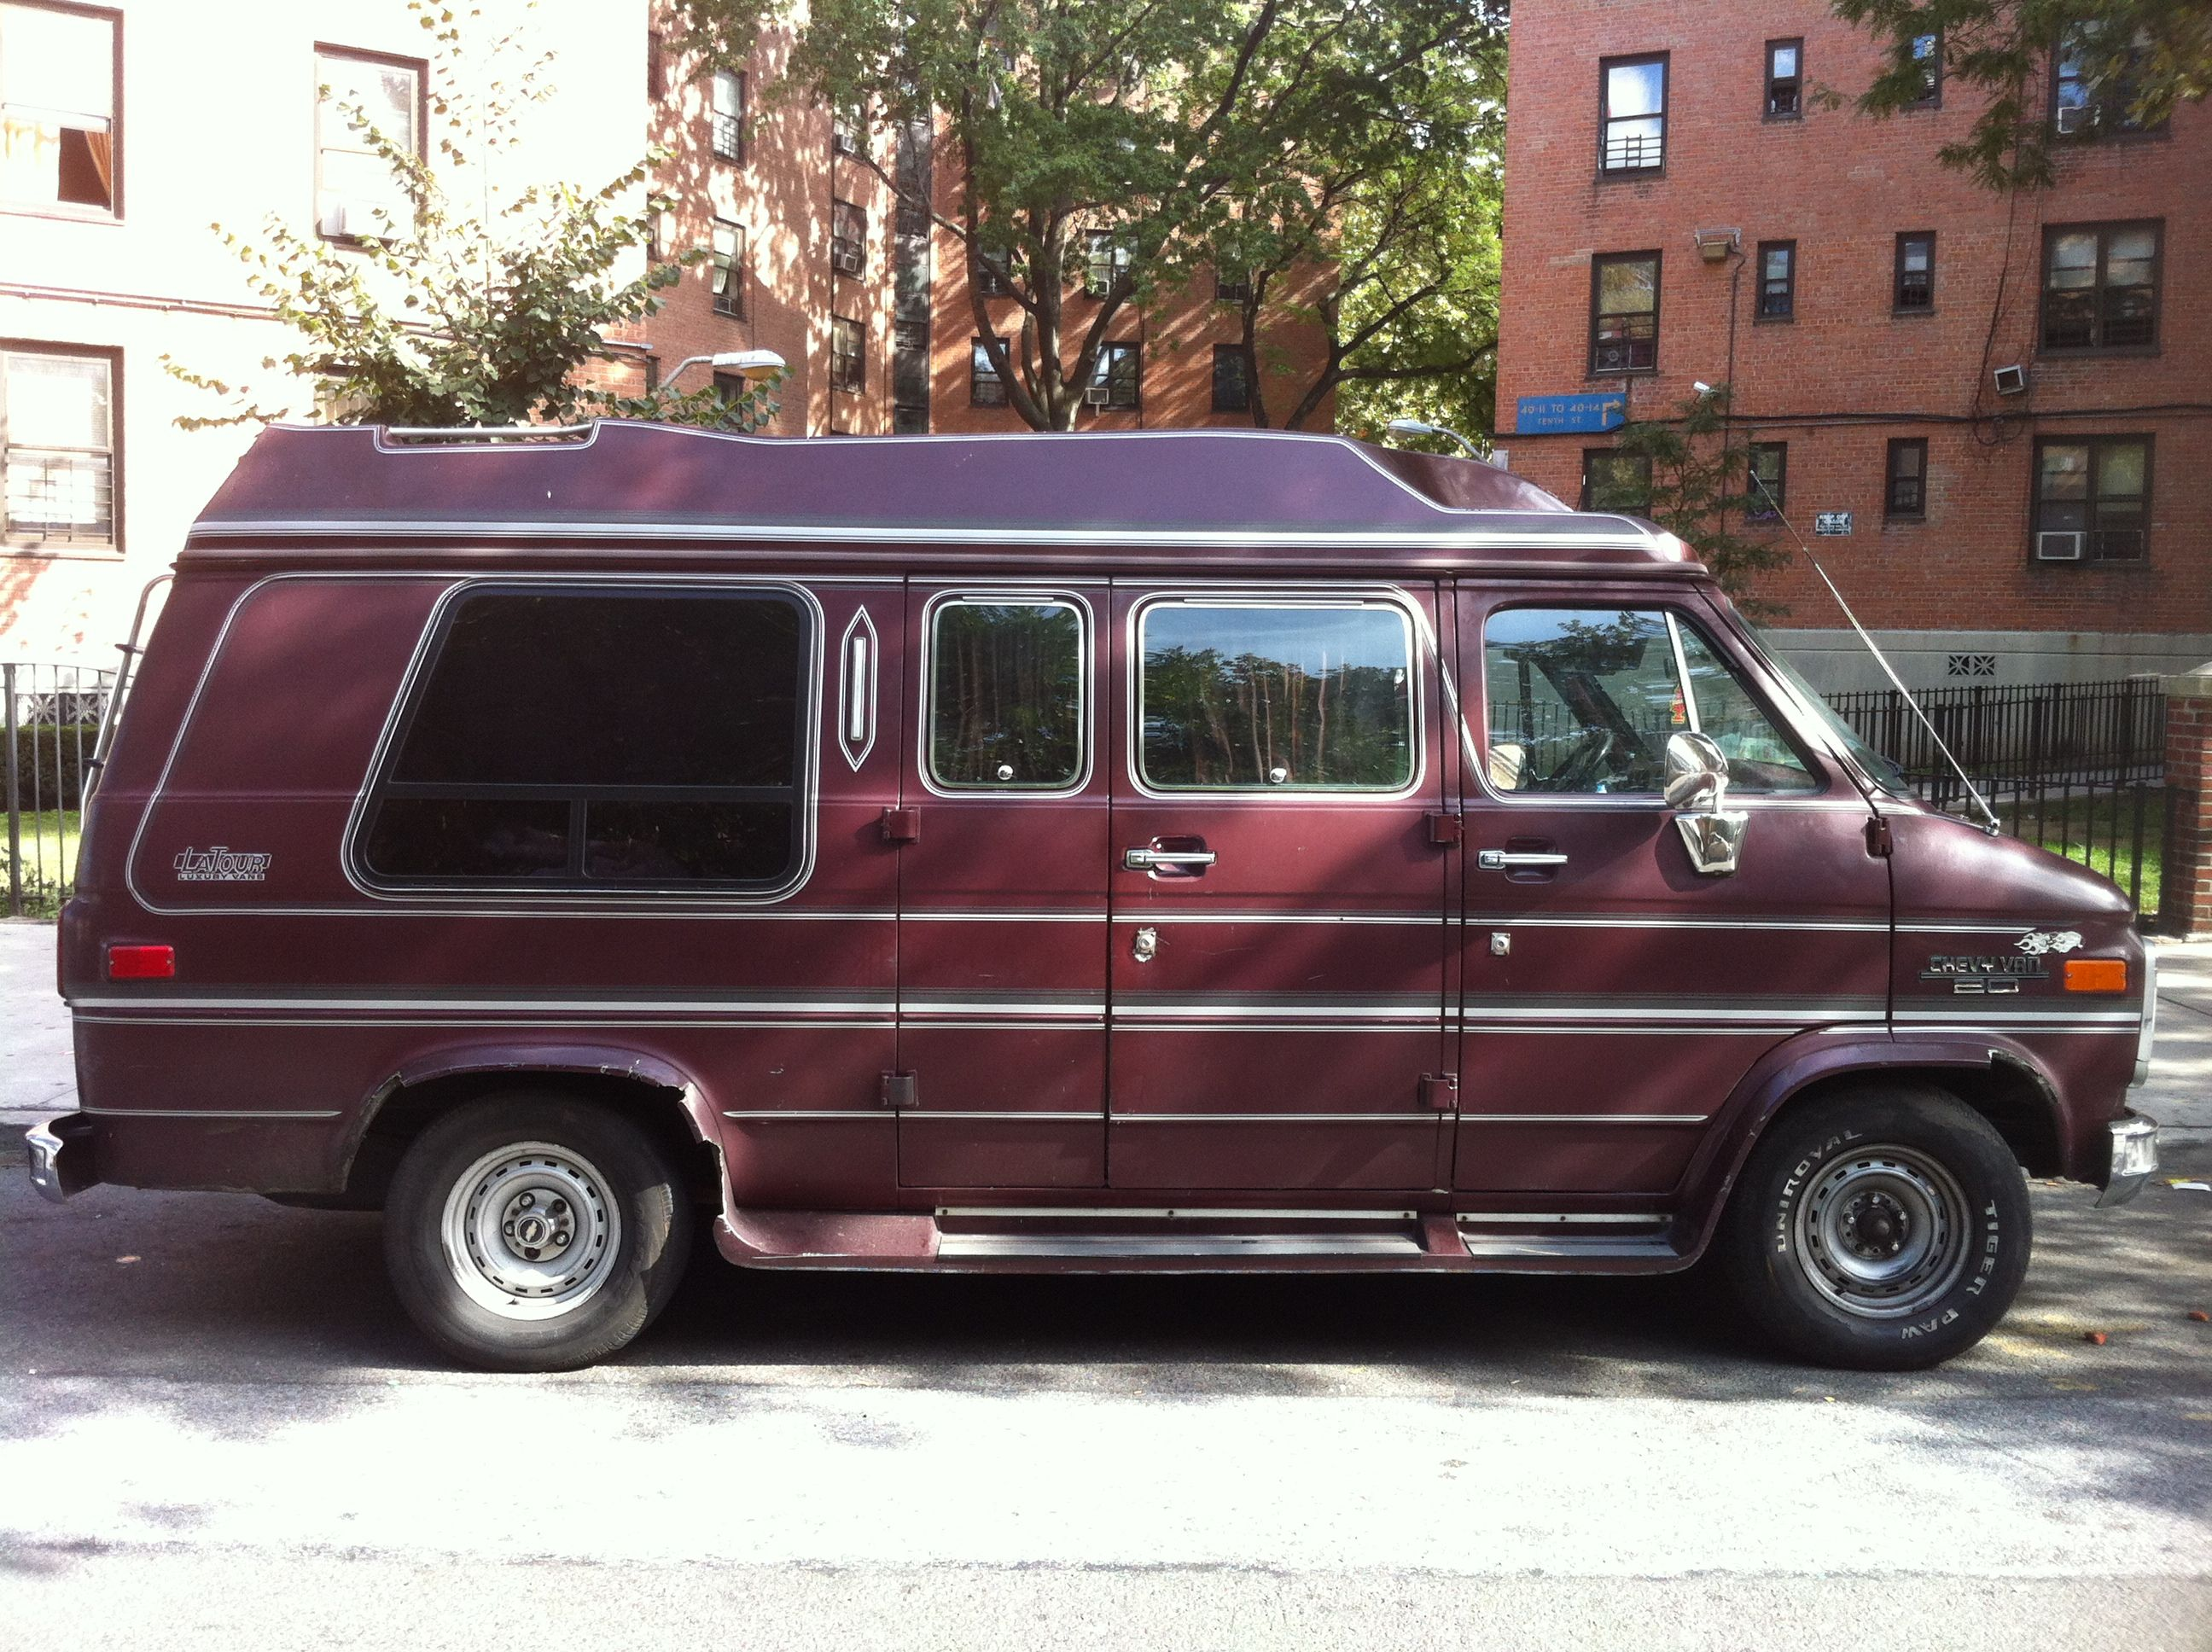 A Van That S Fine Is The Color Of Wine Chevy Van Custom Vans Mini Van